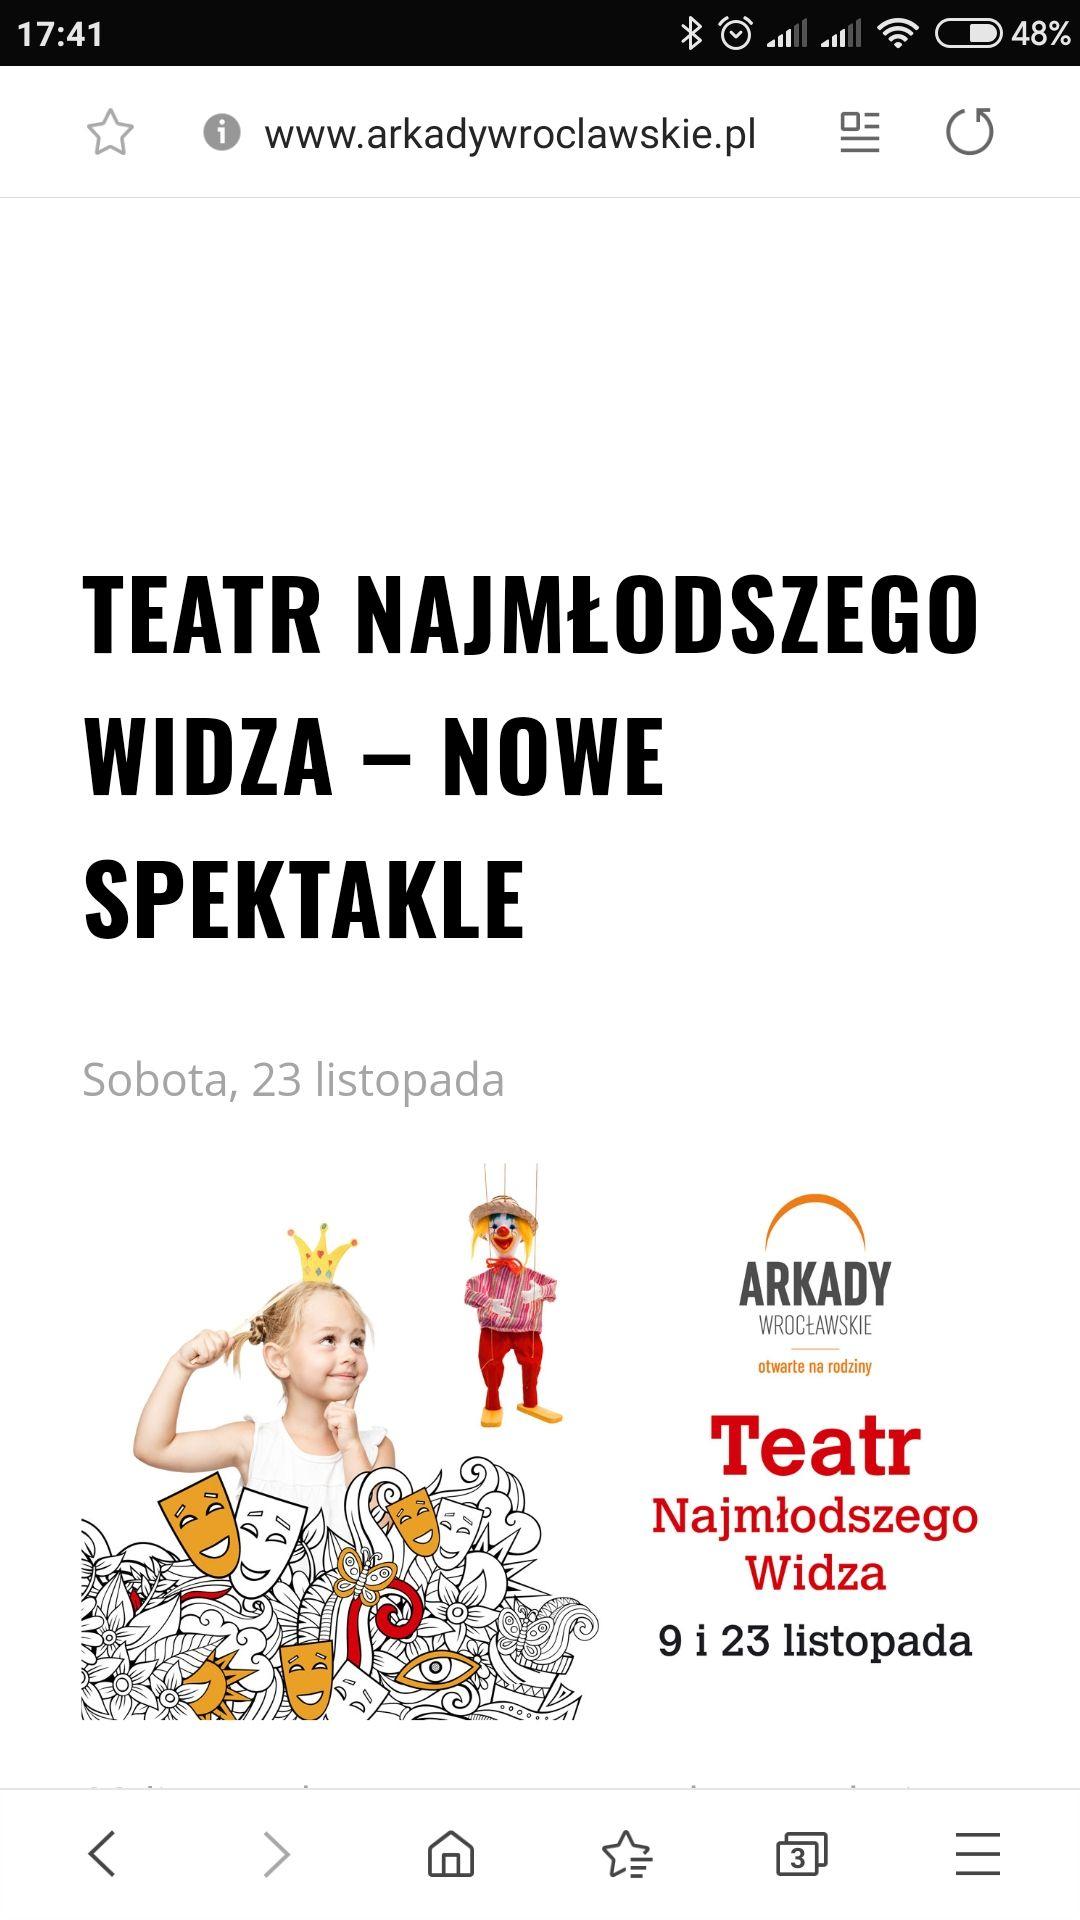 Wrocław - Arkady Wrocławskie -darmowe spektakle dla dzieci 23.11.